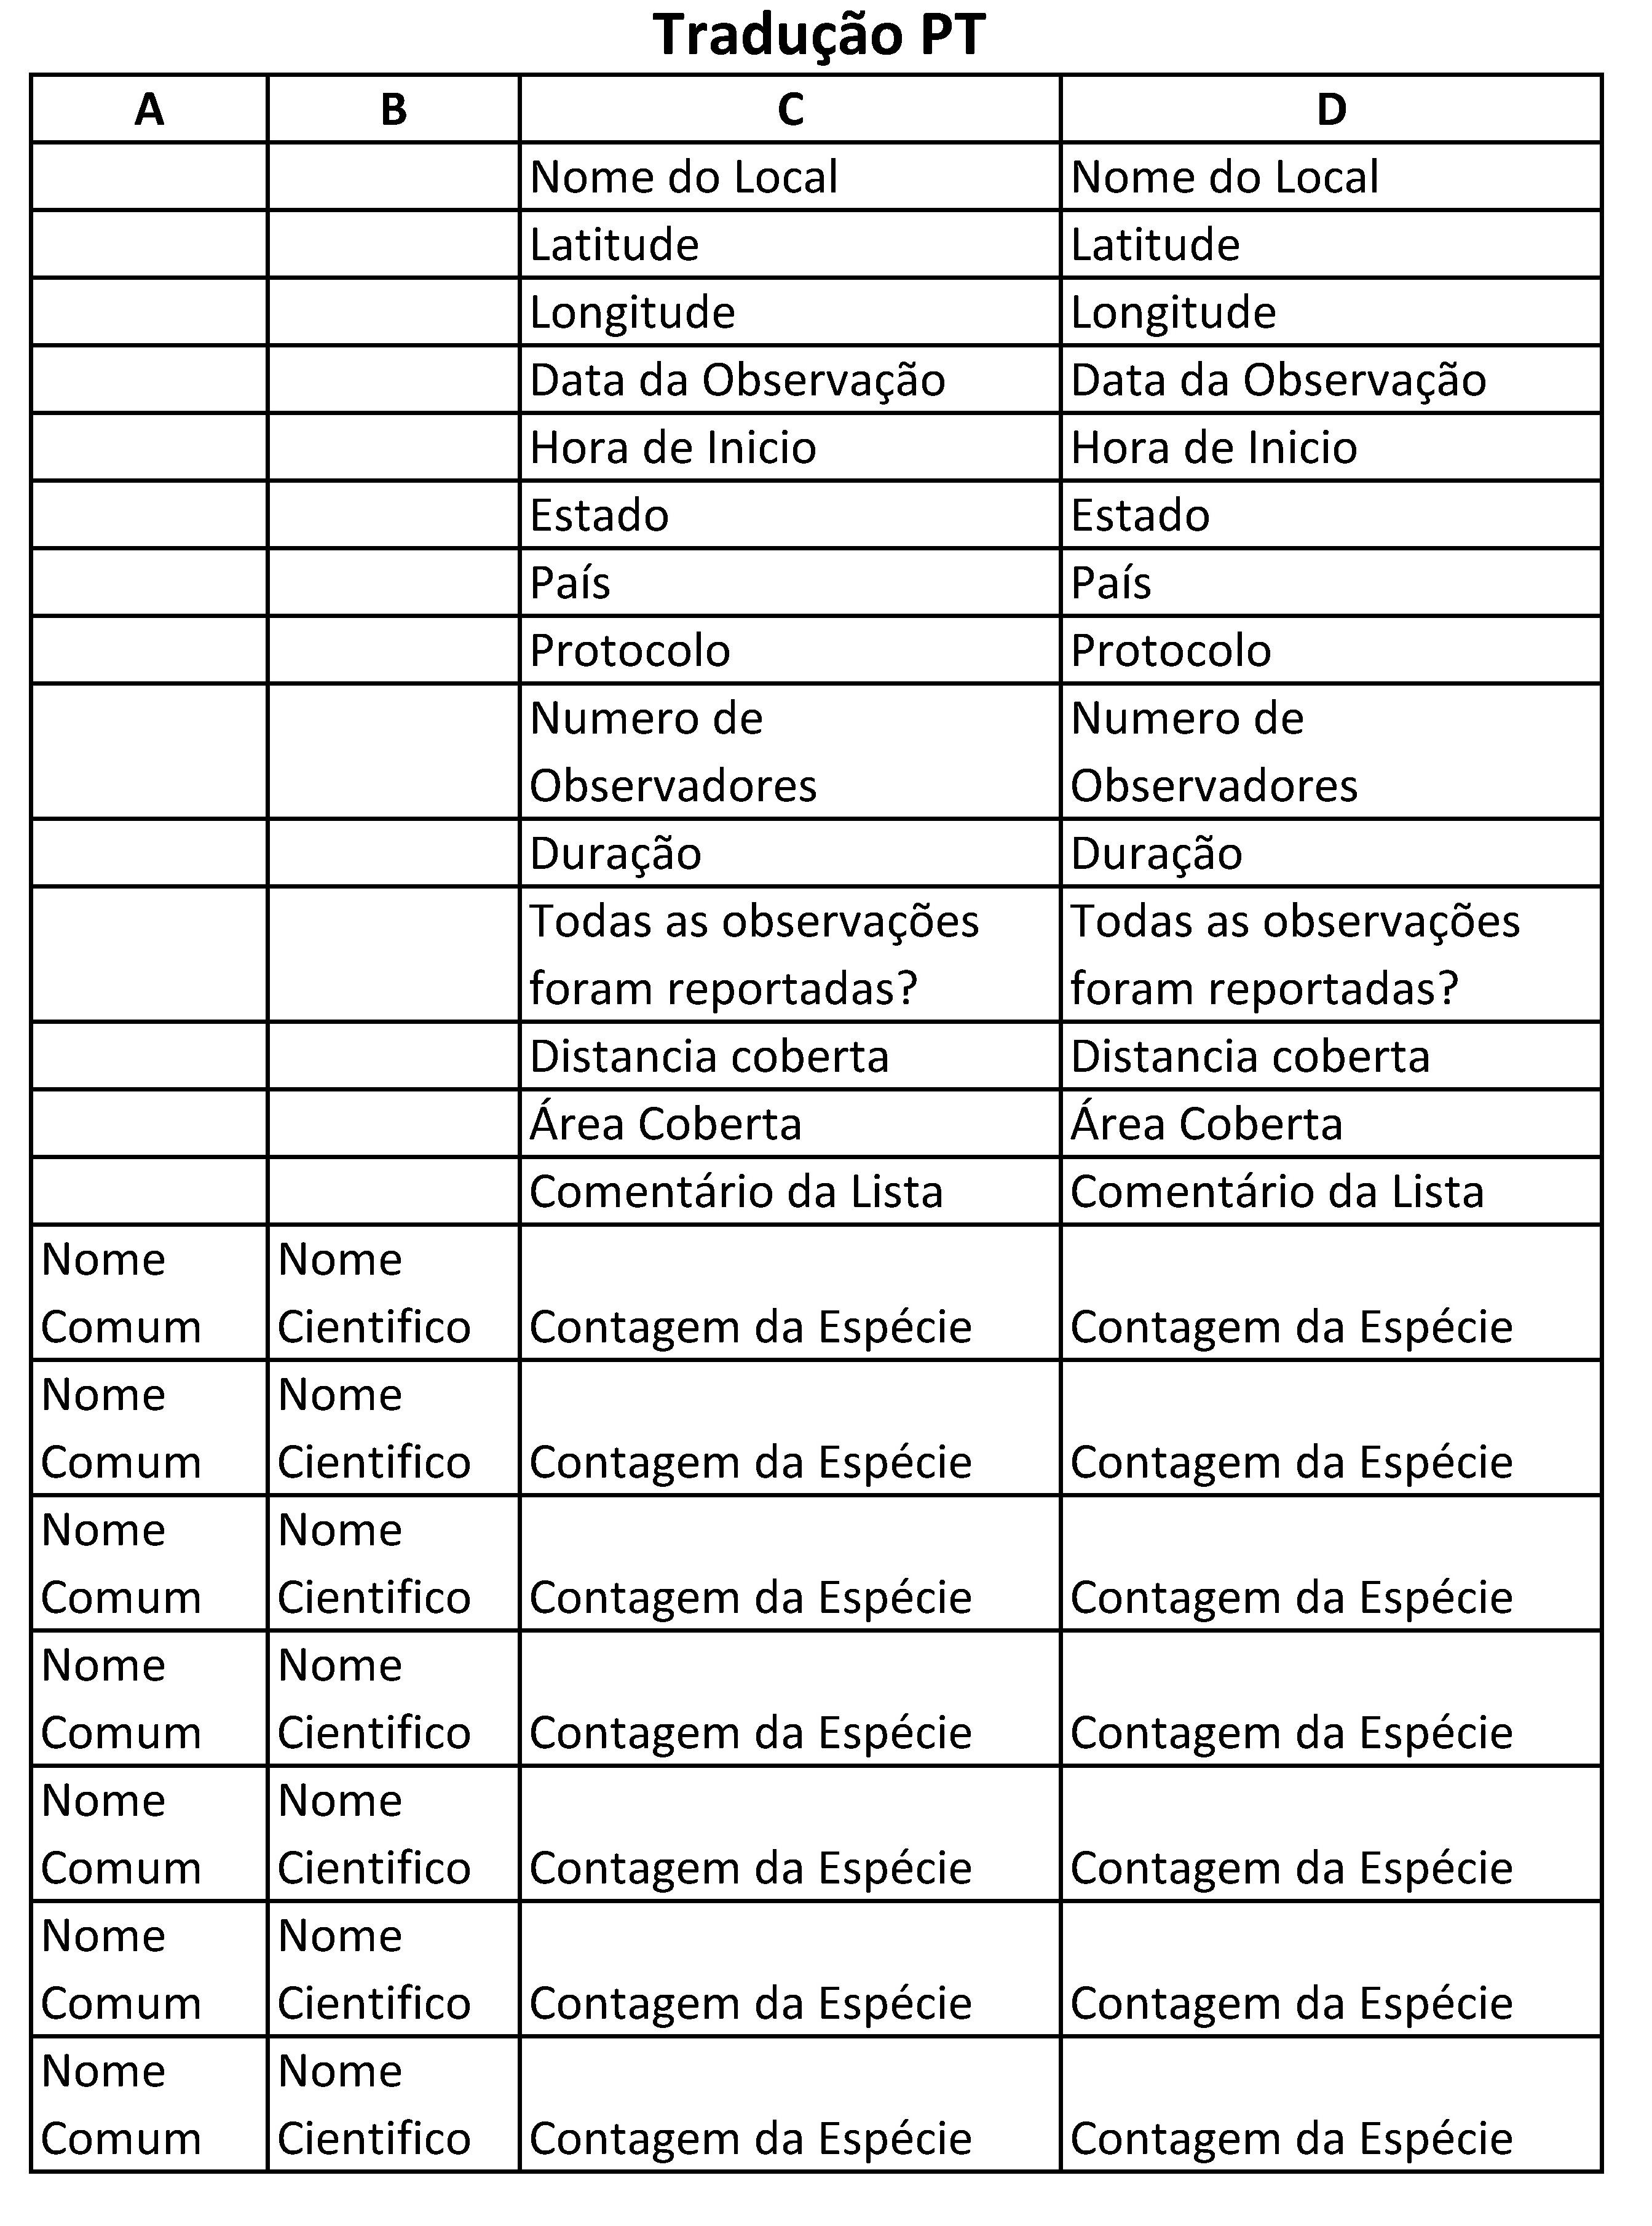 Checklist format columns